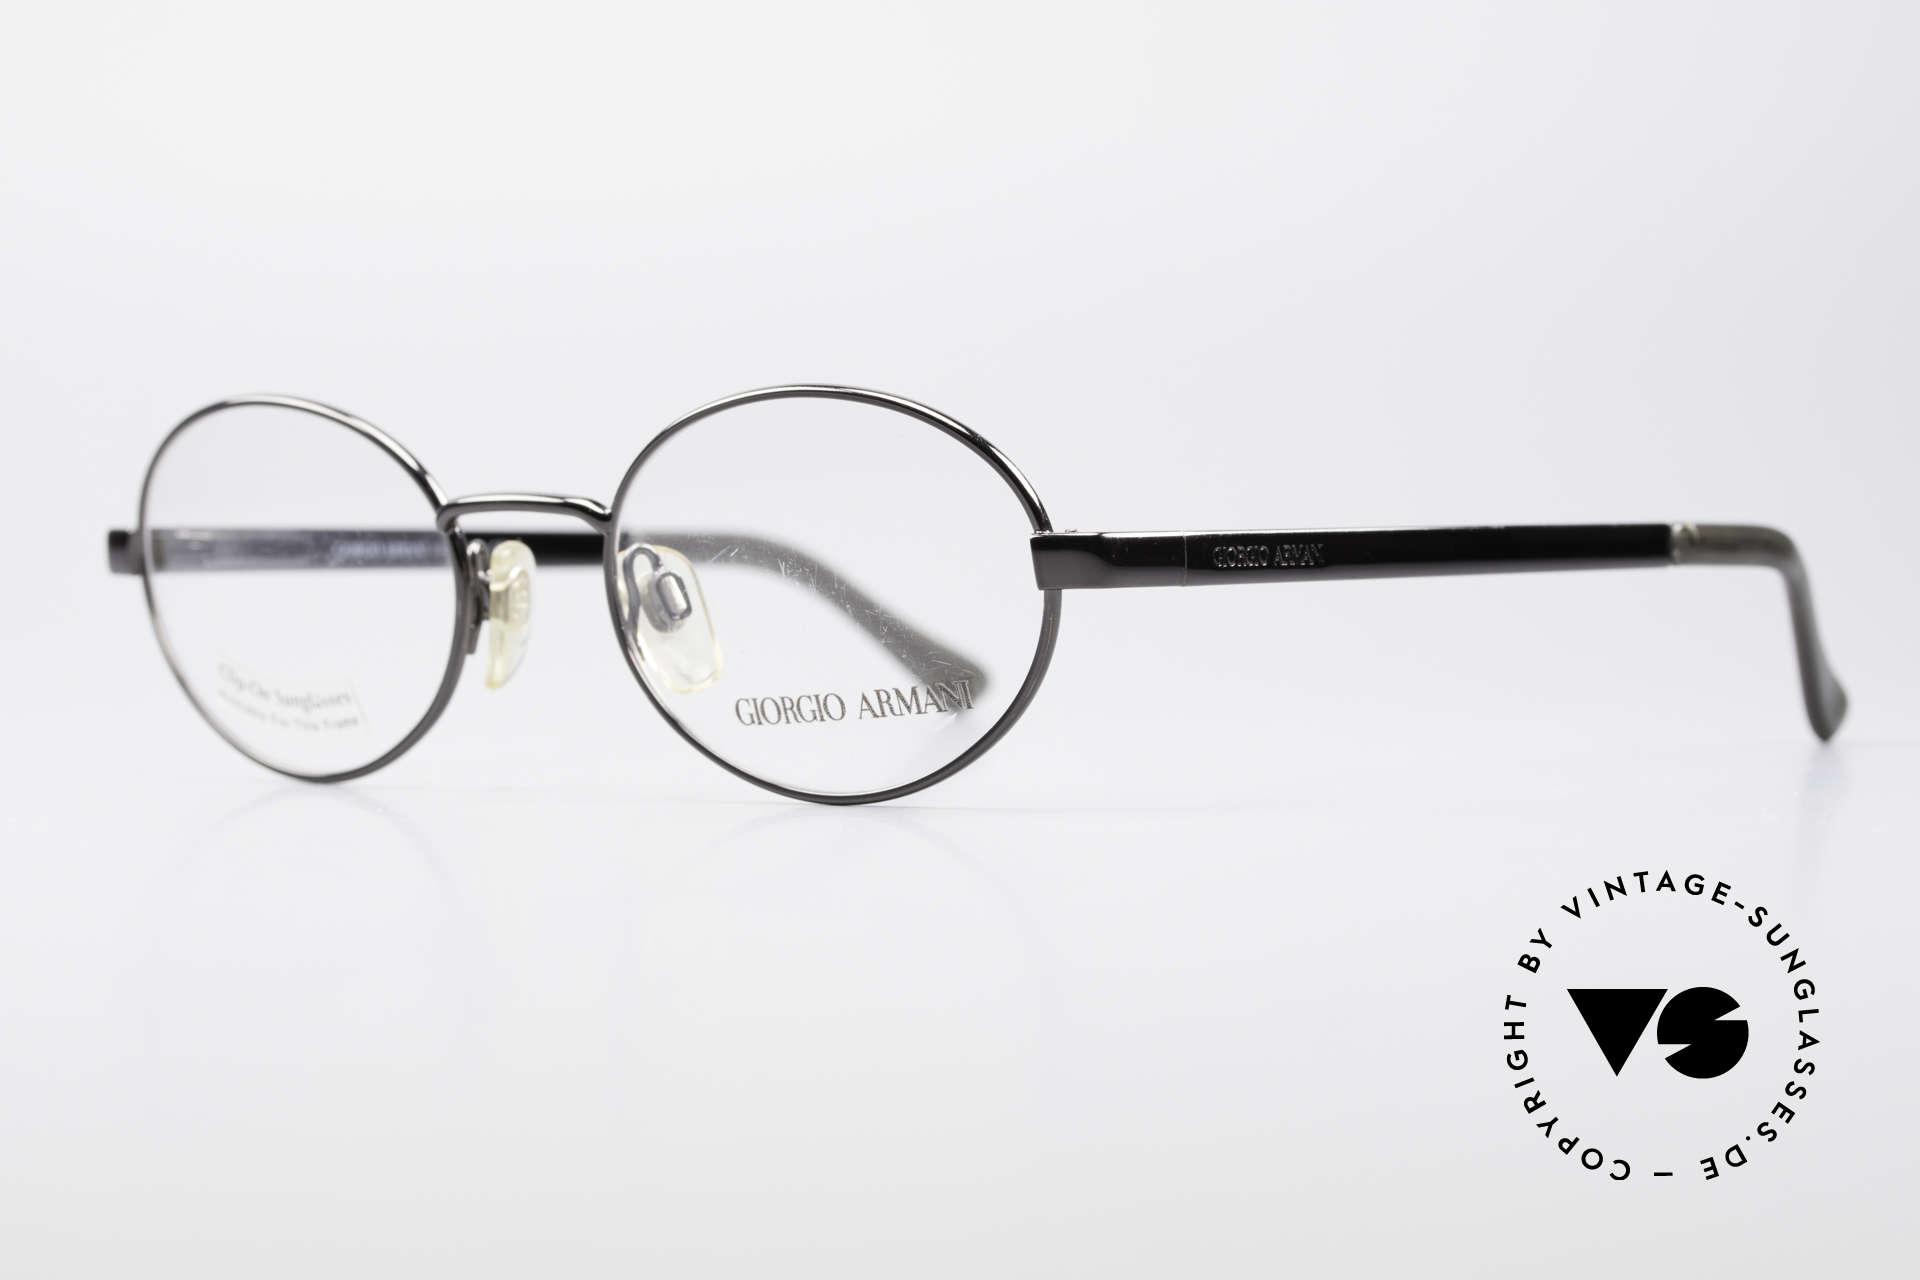 Giorgio Armani 257 Ovale Vintage Fassung 90er, Lackierung in 'gunmetal' und flexible Federscharniere, Passend für Herren und Damen